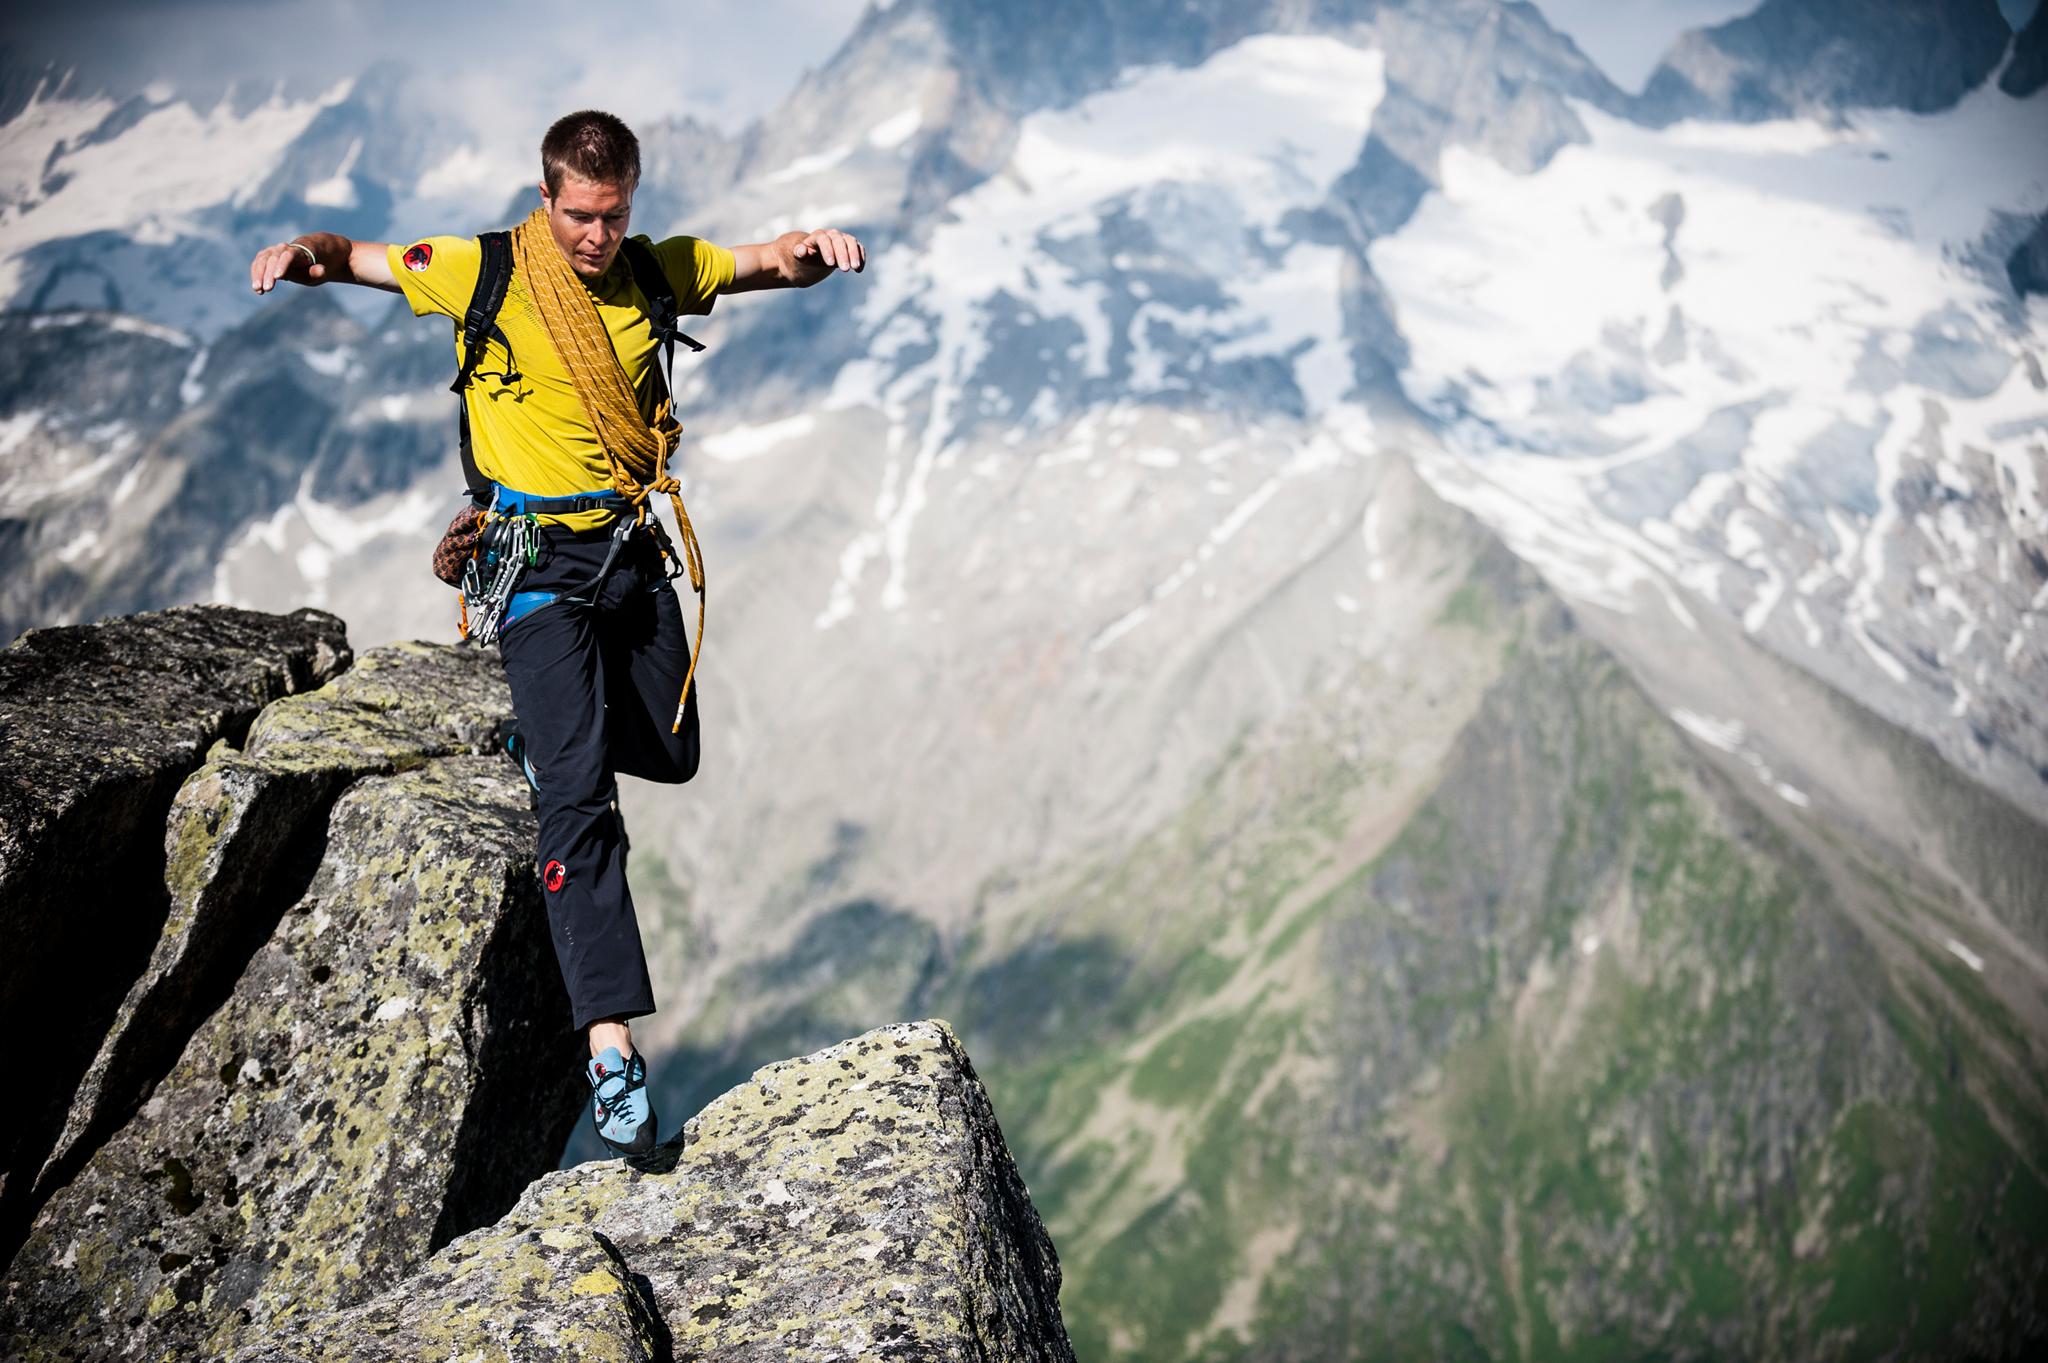 Extrembergsteiger und Speedkletterer Dani Arnold nimmt die Besucher auf seine aufsehenerregenden Routen durch Fels und Eis mit. © Dani Arnold